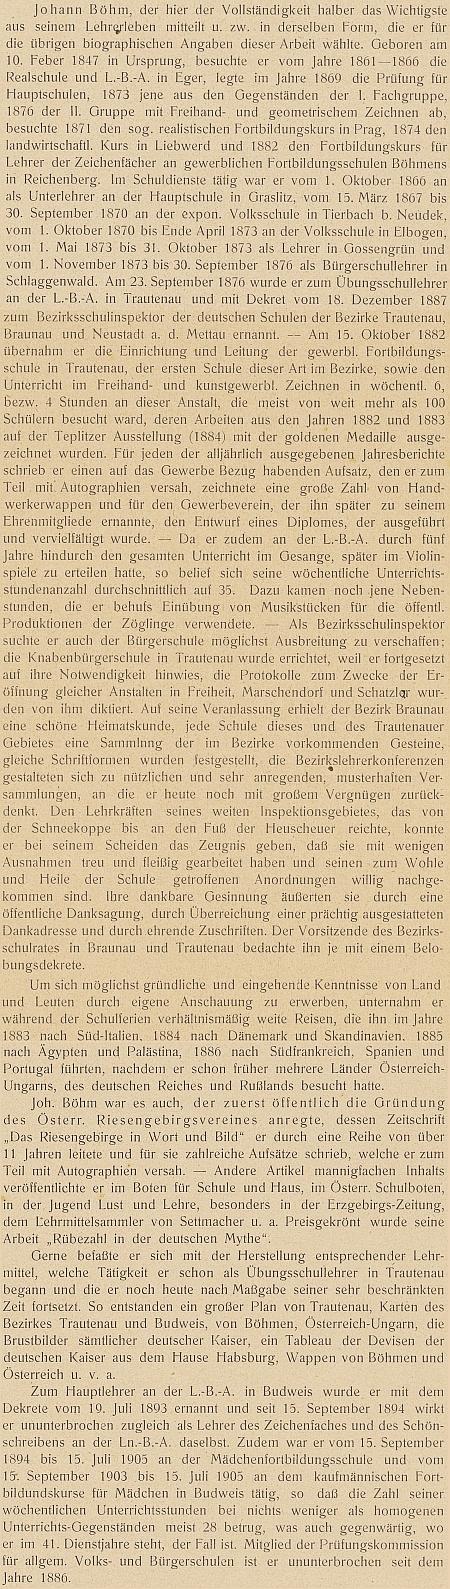 Takto obsáhle ho představila výroční zpráva českobudějovického německého učitelského ústavu